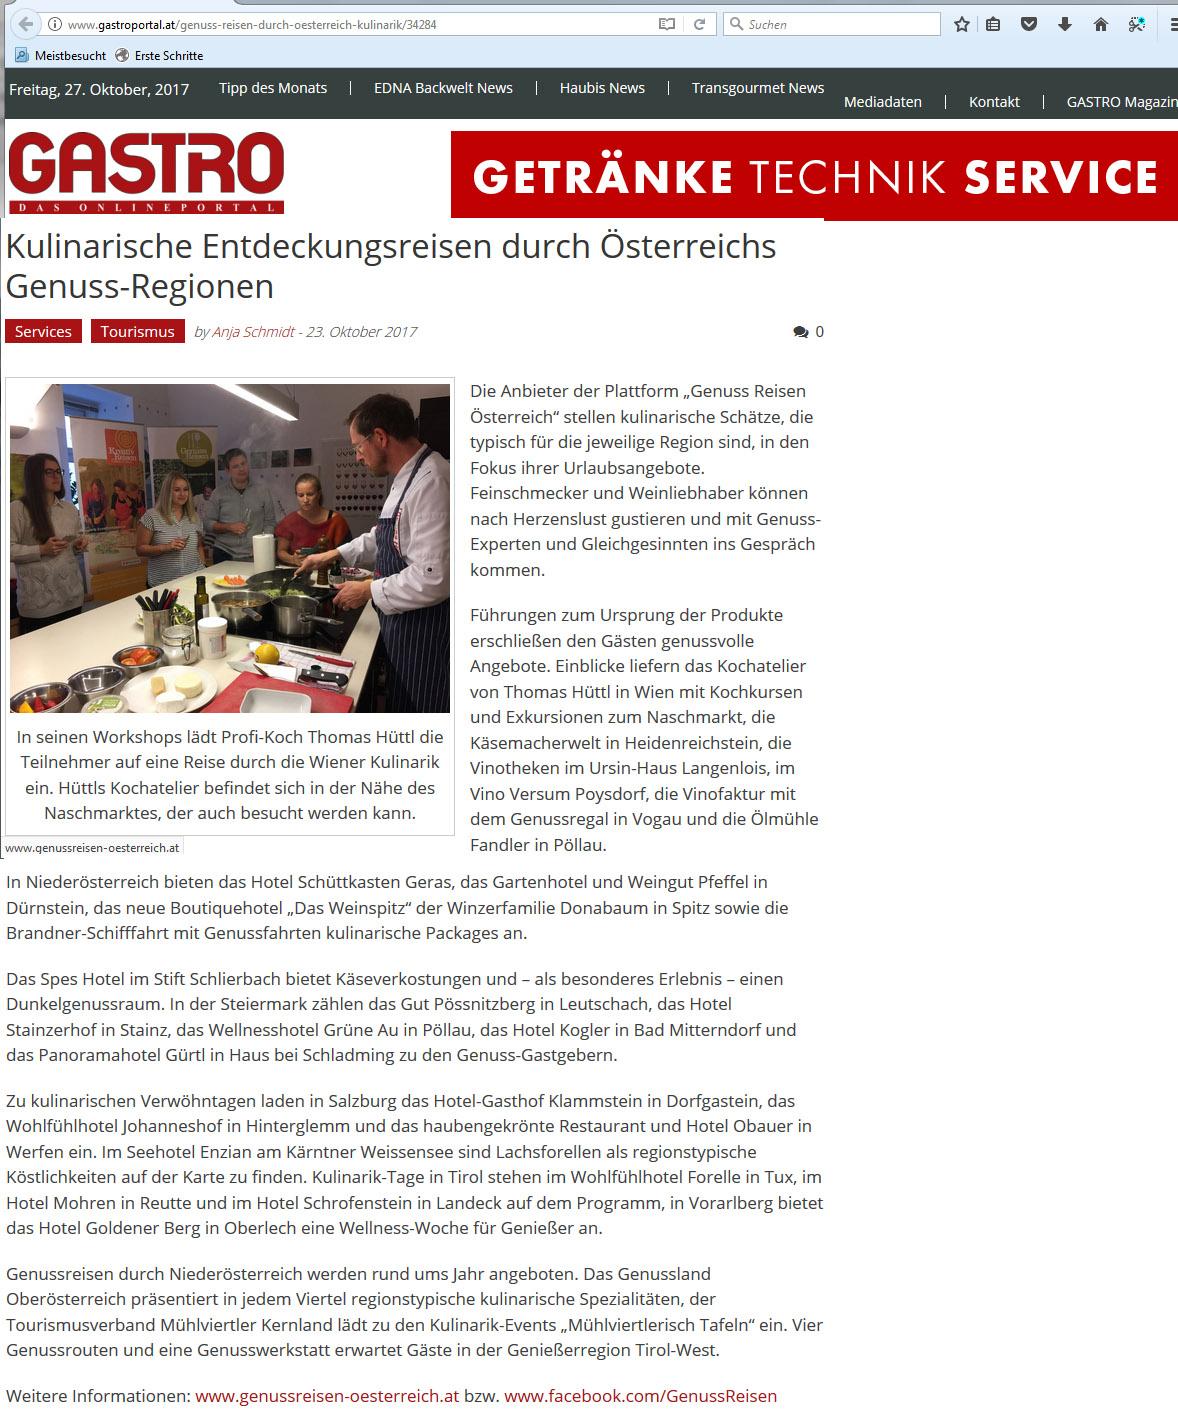 GASTRO Online-Portal berichtet über kulinarische Entdeckungsreisen ...